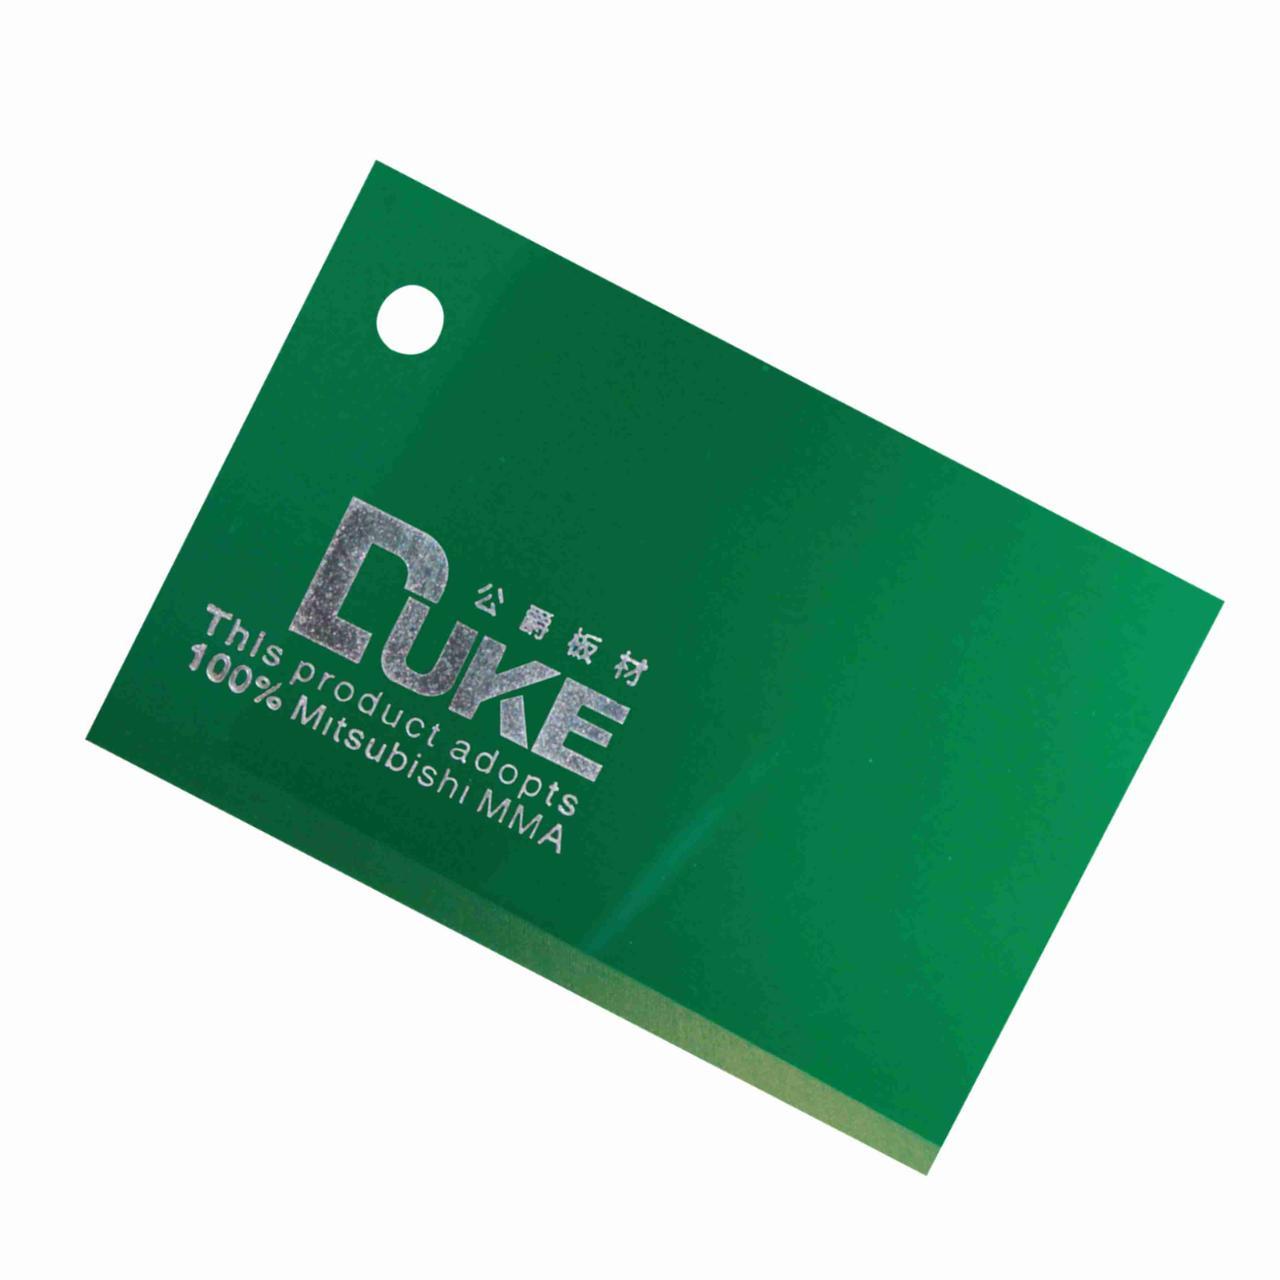 Темно-зеленый листовой акрил №8125 (3мм) 1,22мХ2,44м